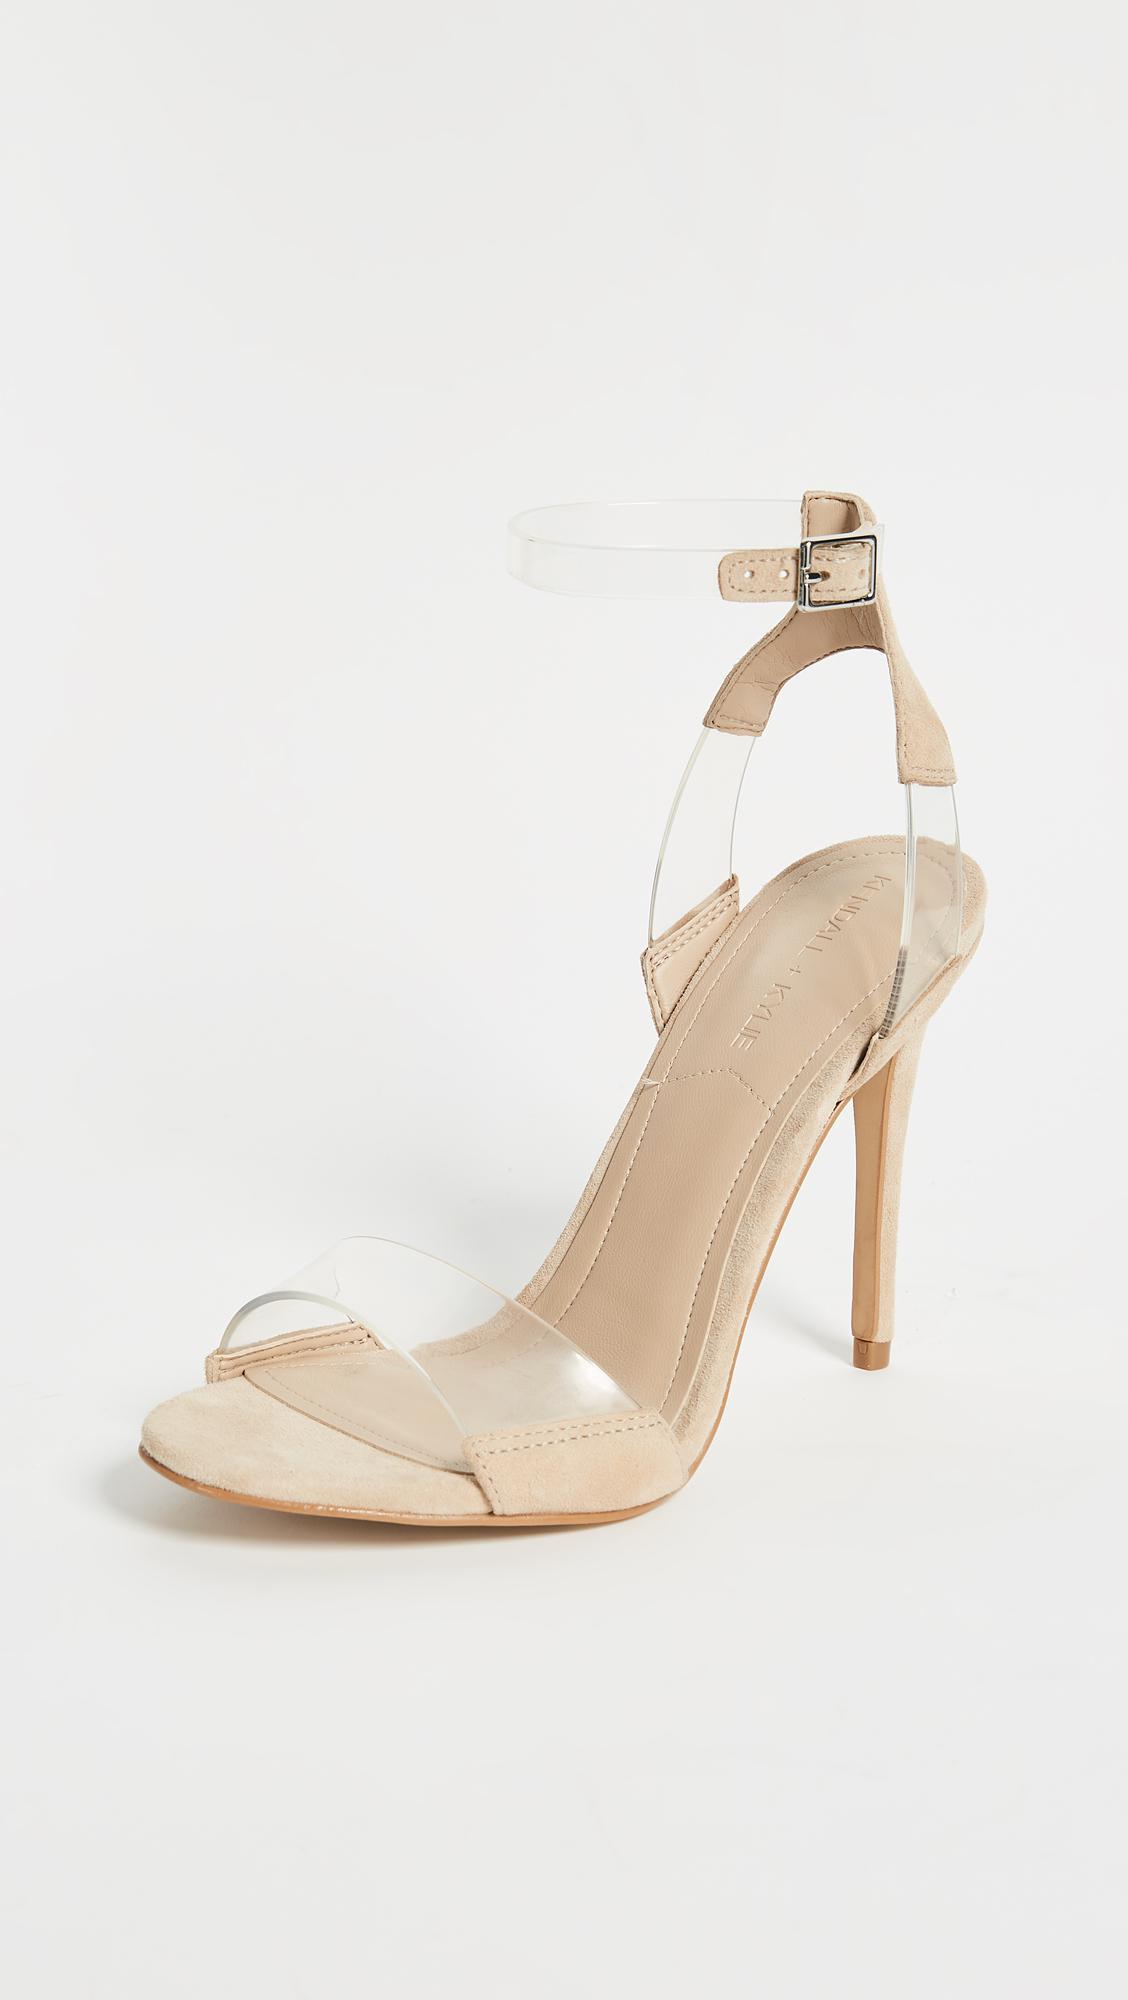 Kendall & Kylie Enya Stiletto-Heeled Ankle Strap Sandal (Women's) aZ3QuSLxZ3